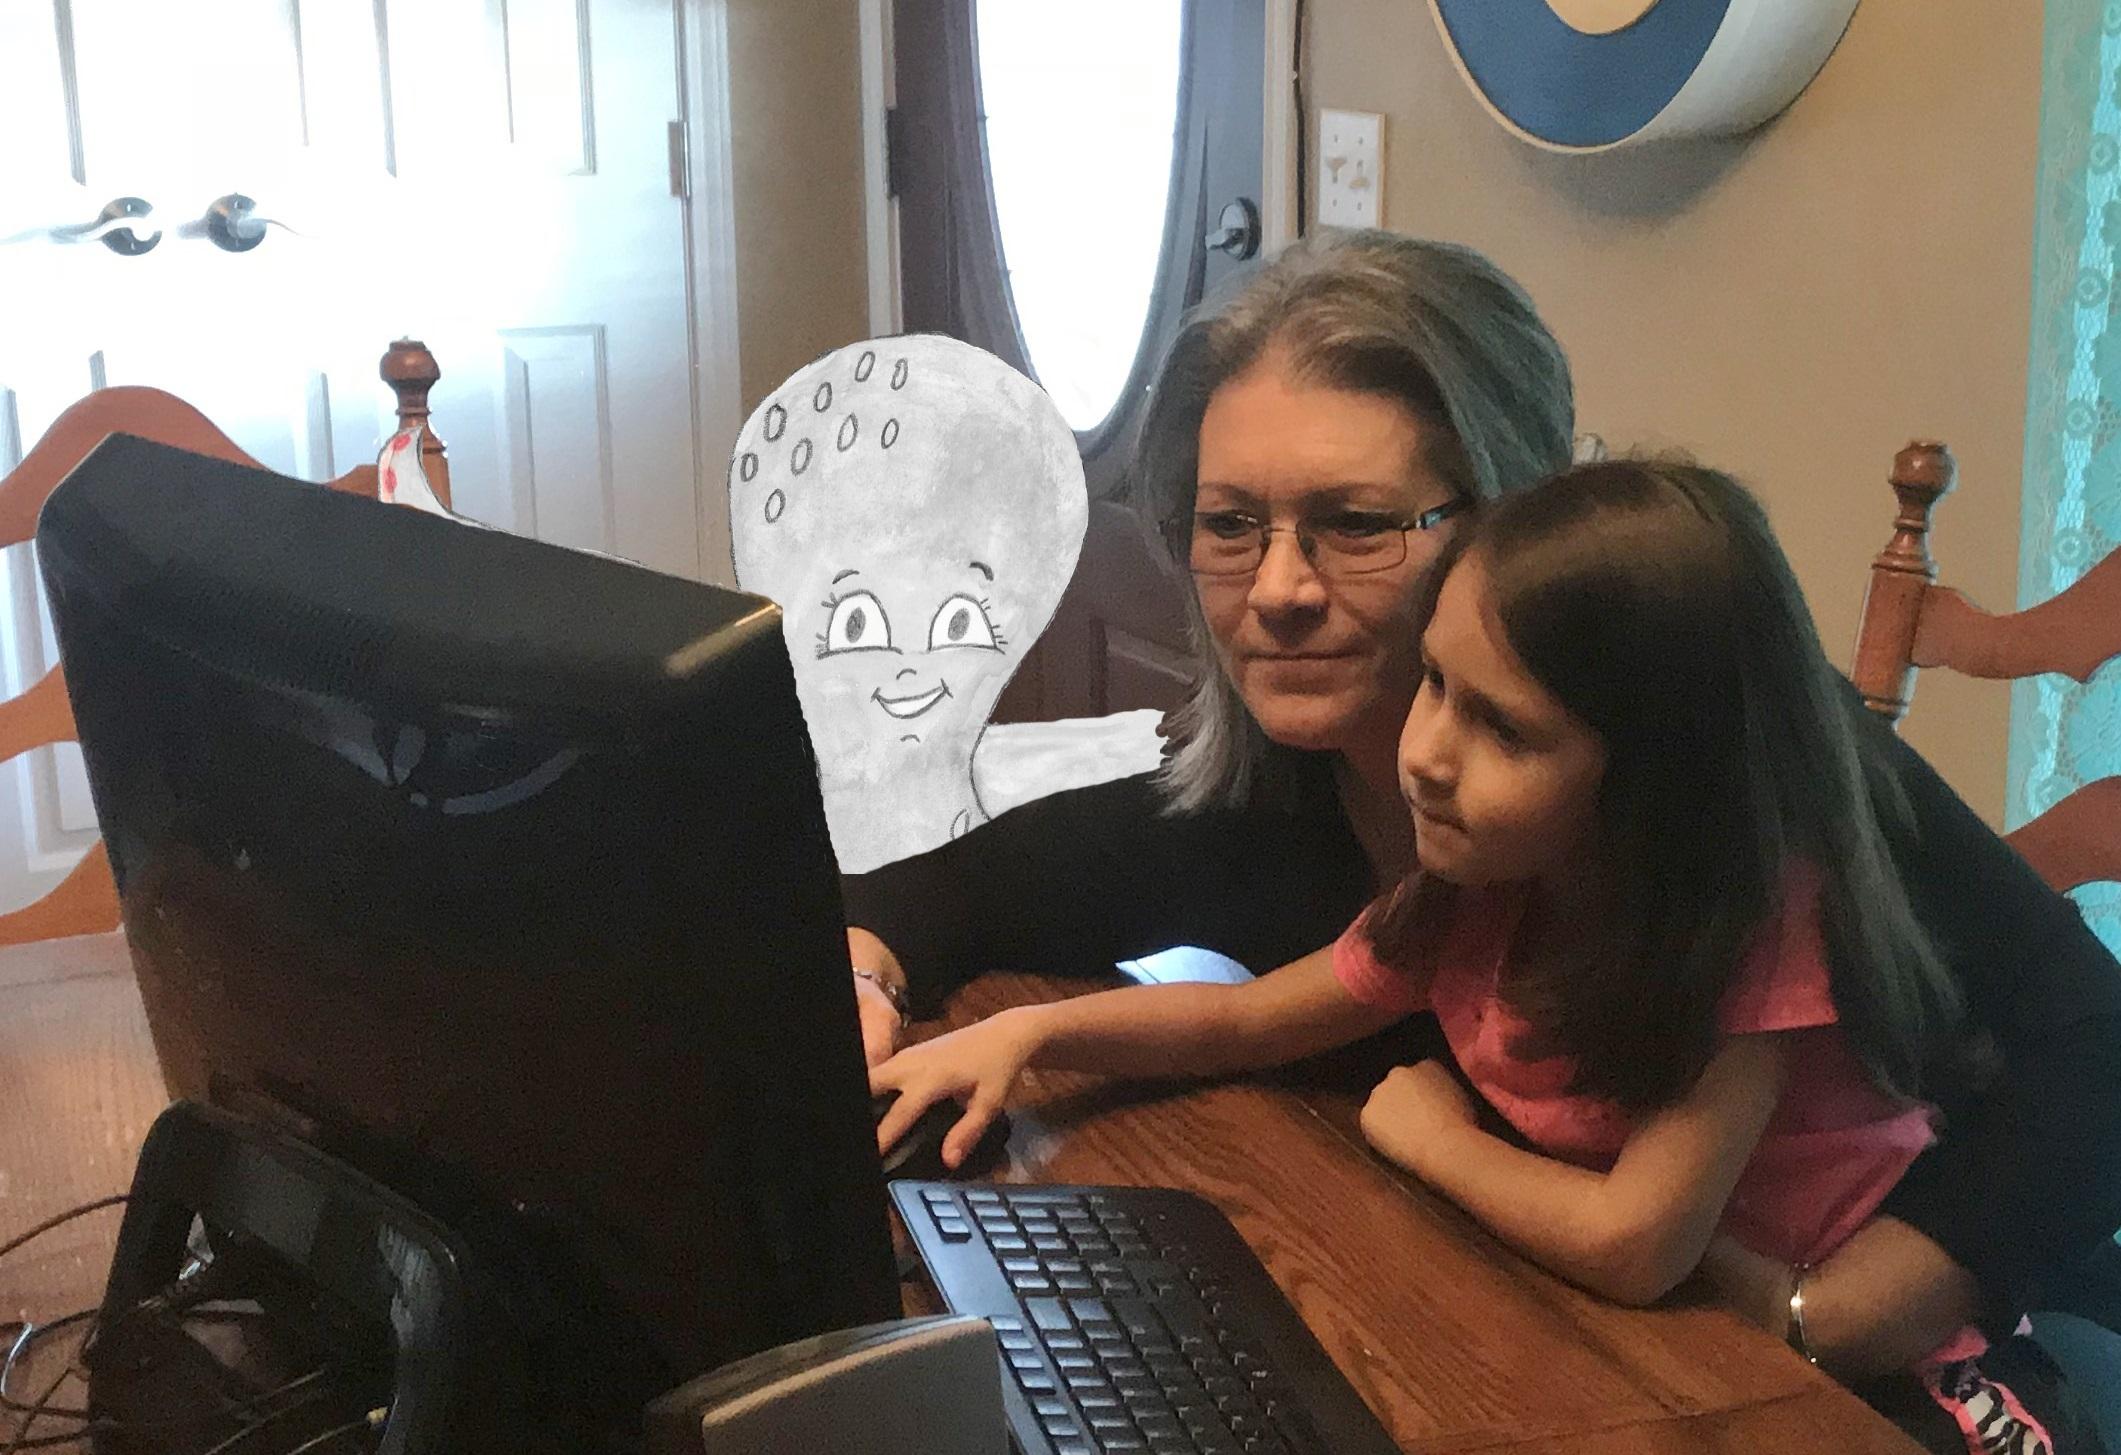 Story at computer